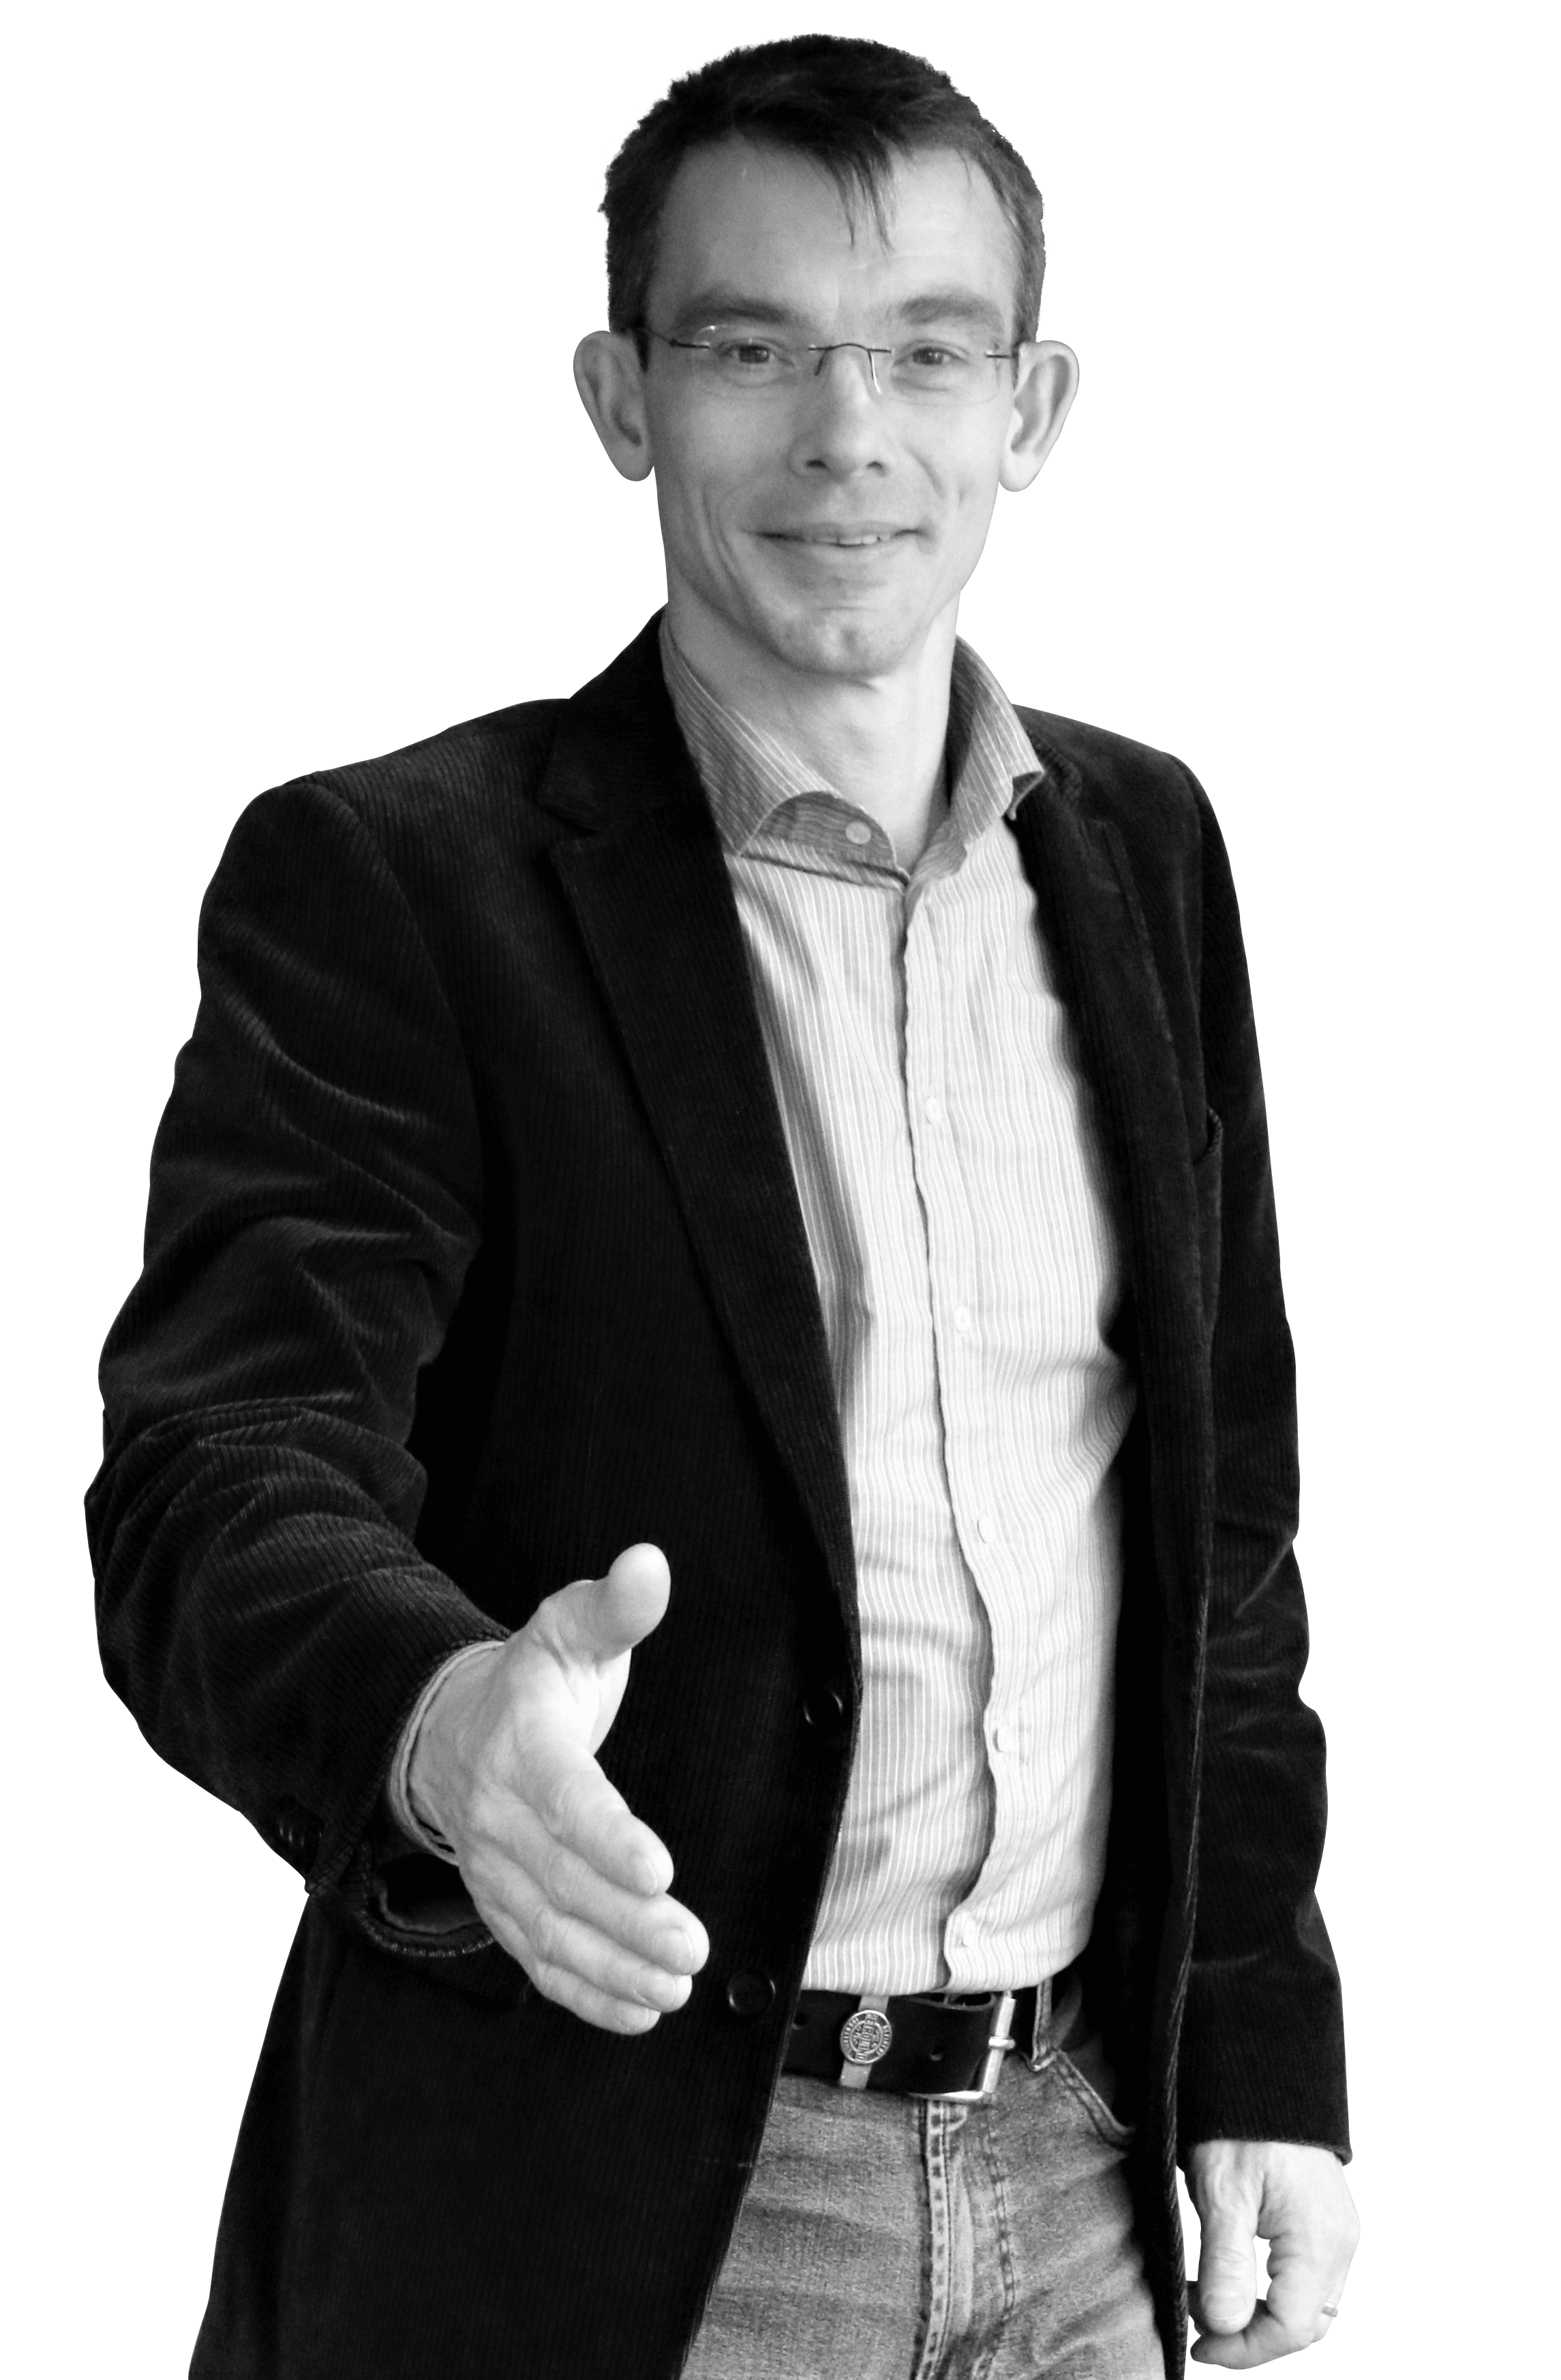 Steven Bookelmann: projectprocessen zonder verrassingen